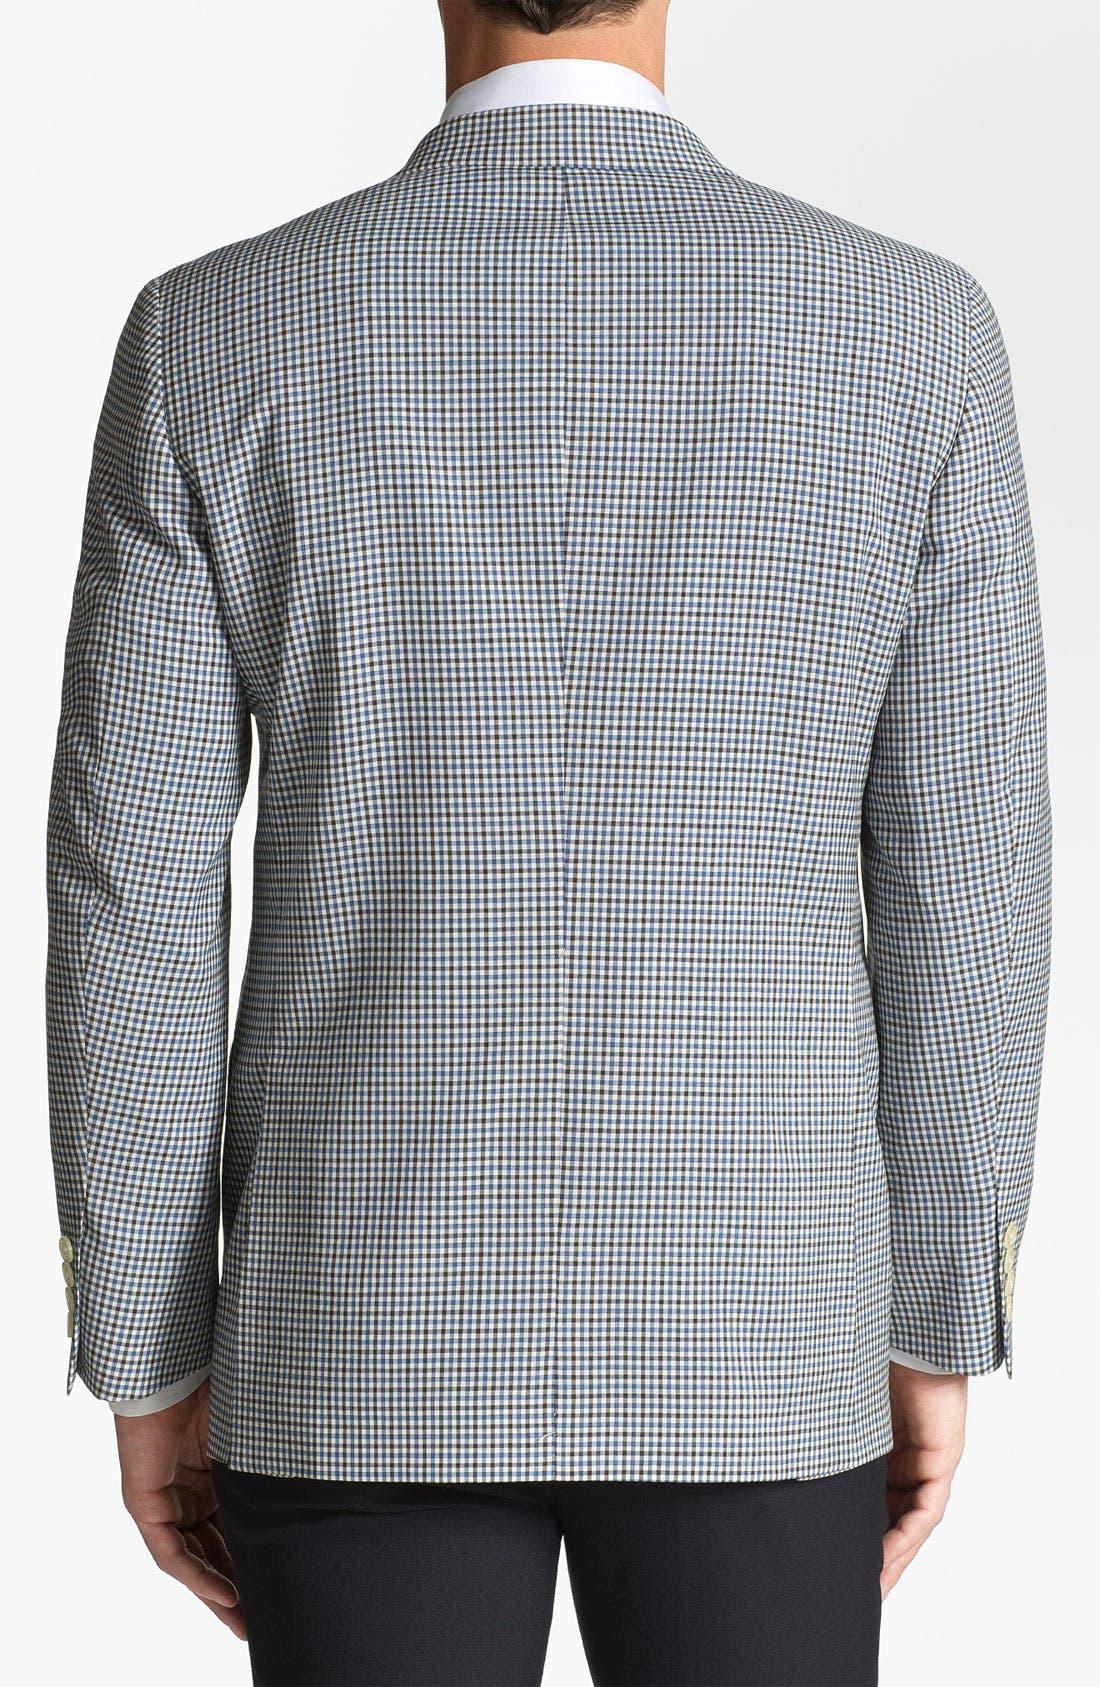 Alternate Image 3  - Samuelsohn Check Sportcoat